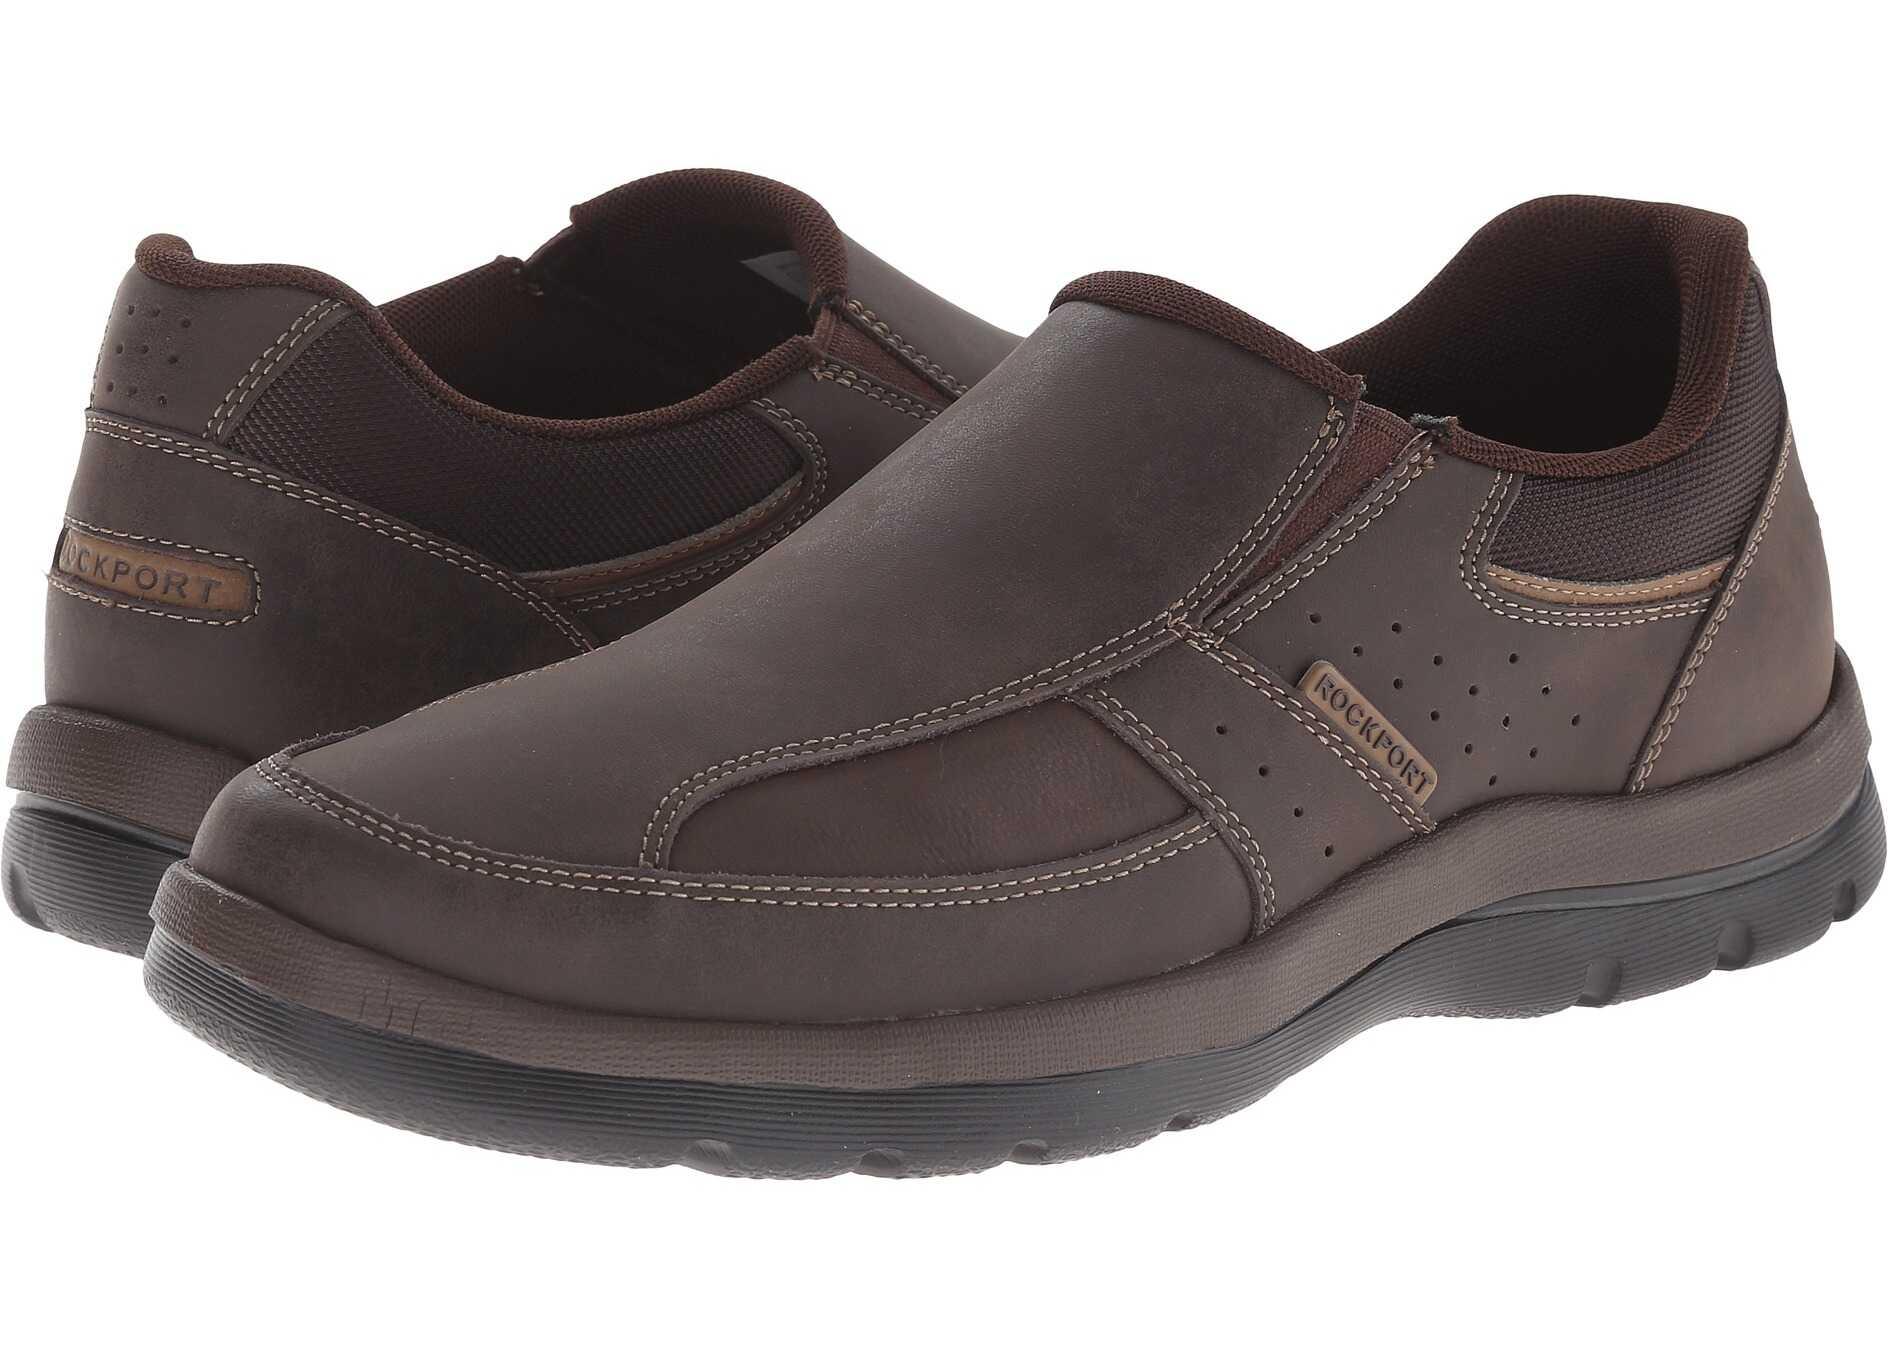 Rockport Get Your Kicks Slip-On Brown